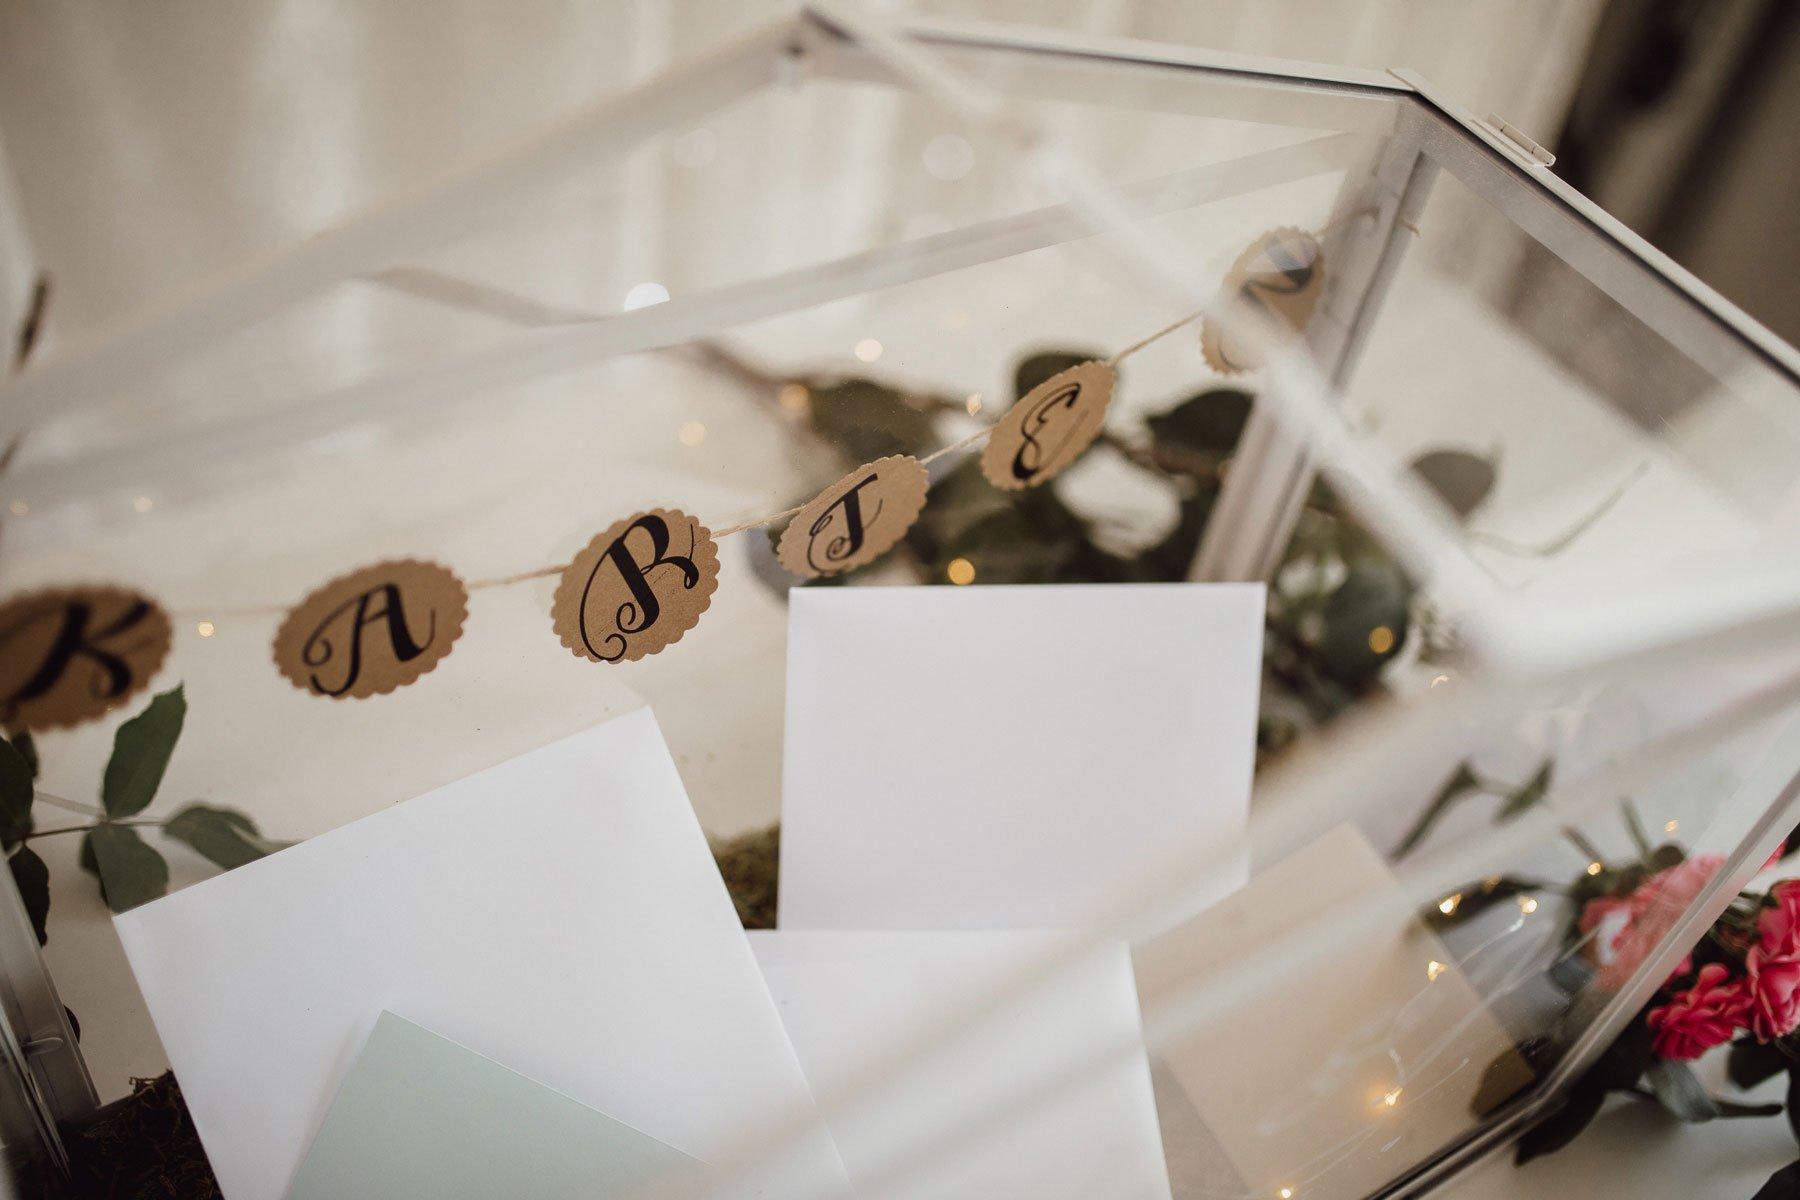 Kartenbox Hochzeit Glas.Gewachshaus Als Kartenbox Bei Der Hochzeit So Konnte Es